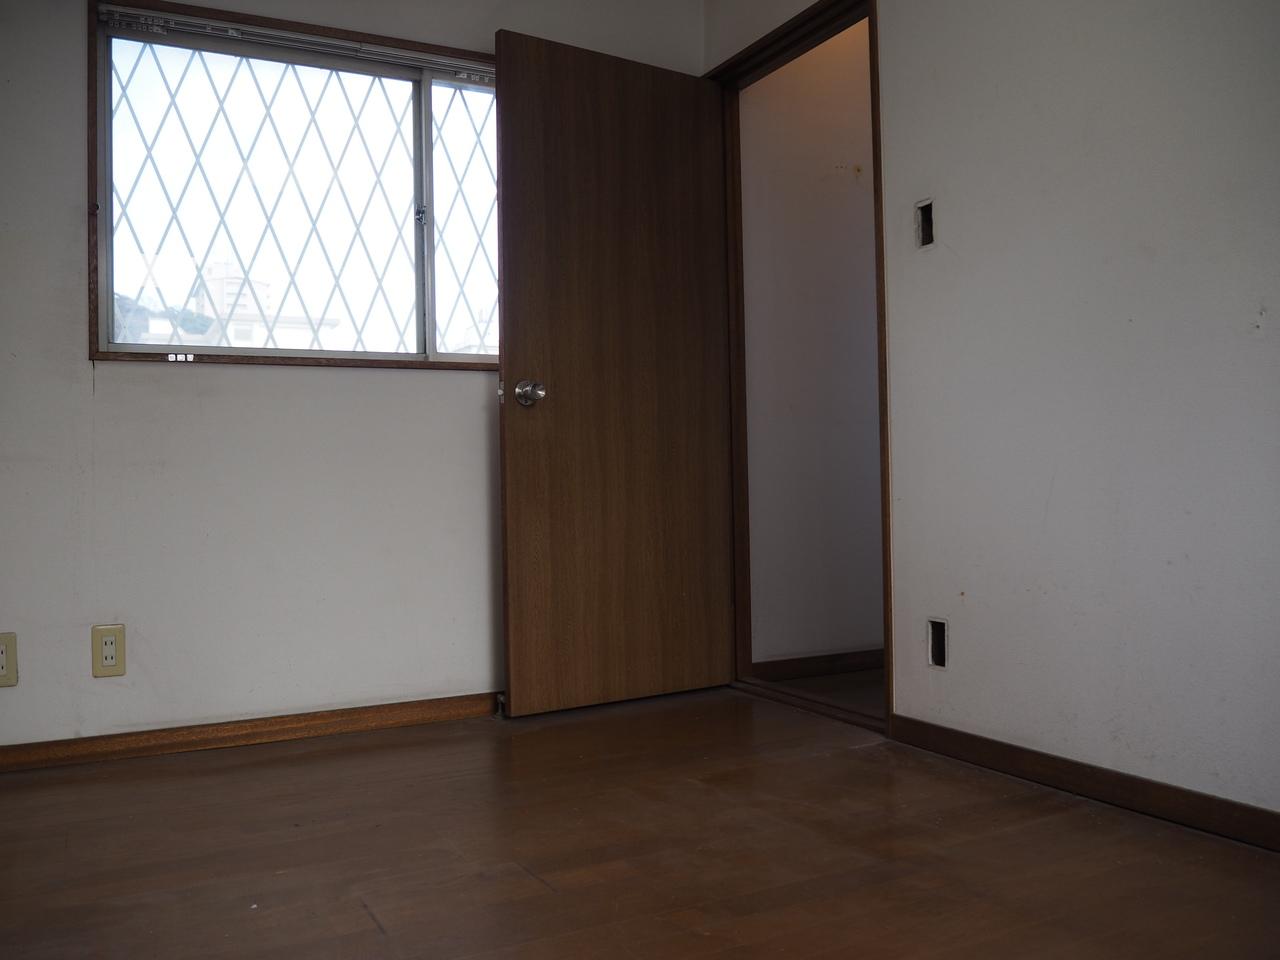 2階洋室部分の様子です。